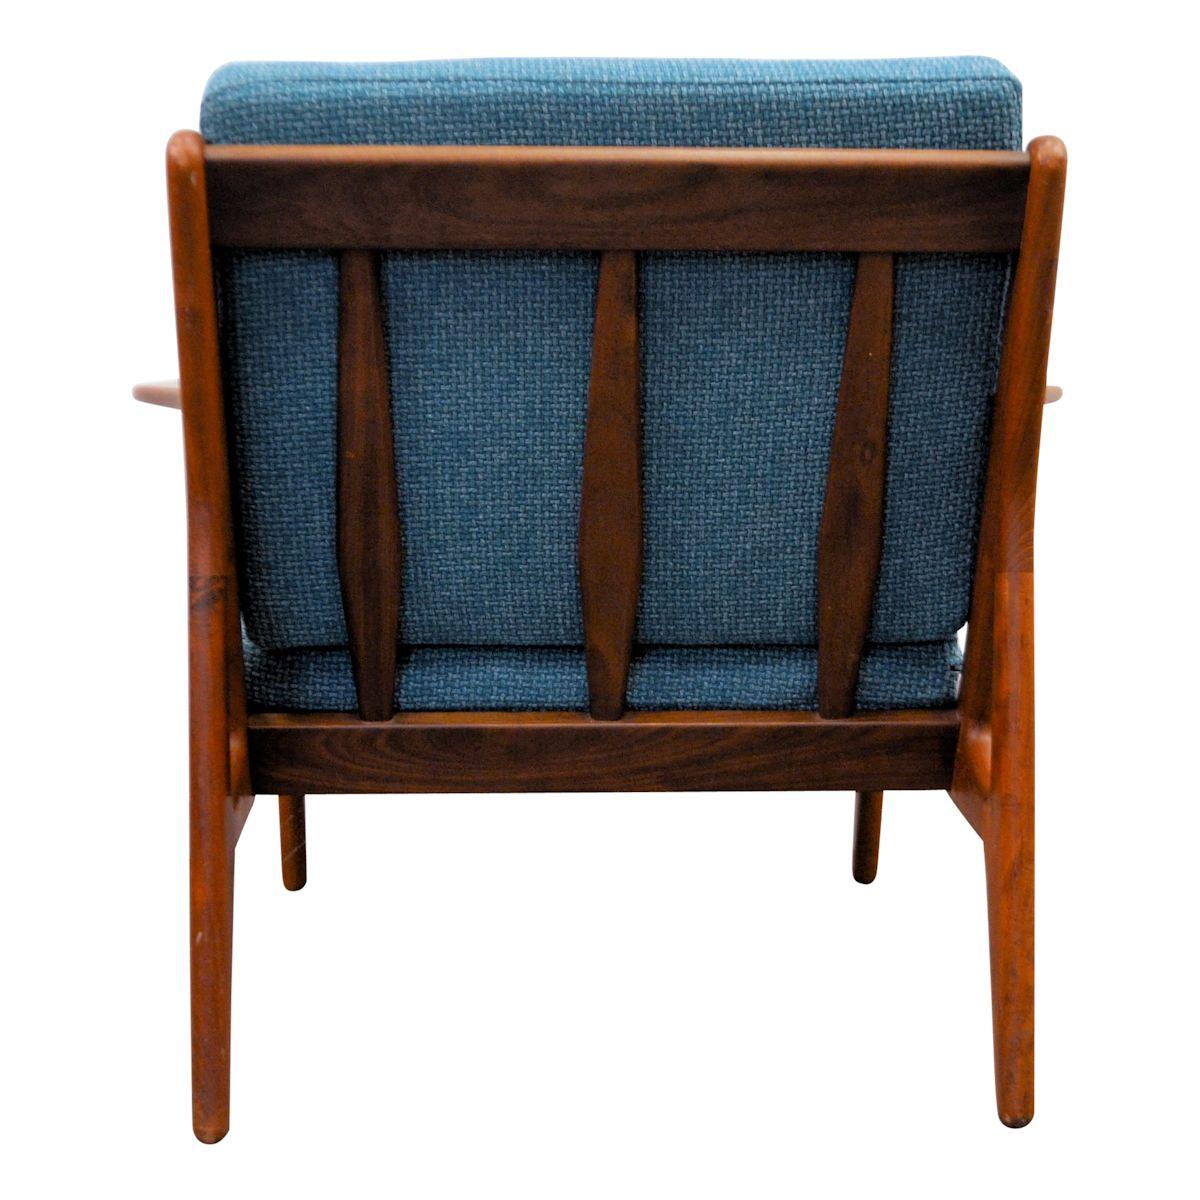 Vintage teak fauteuil van Arne Vodder (detail)